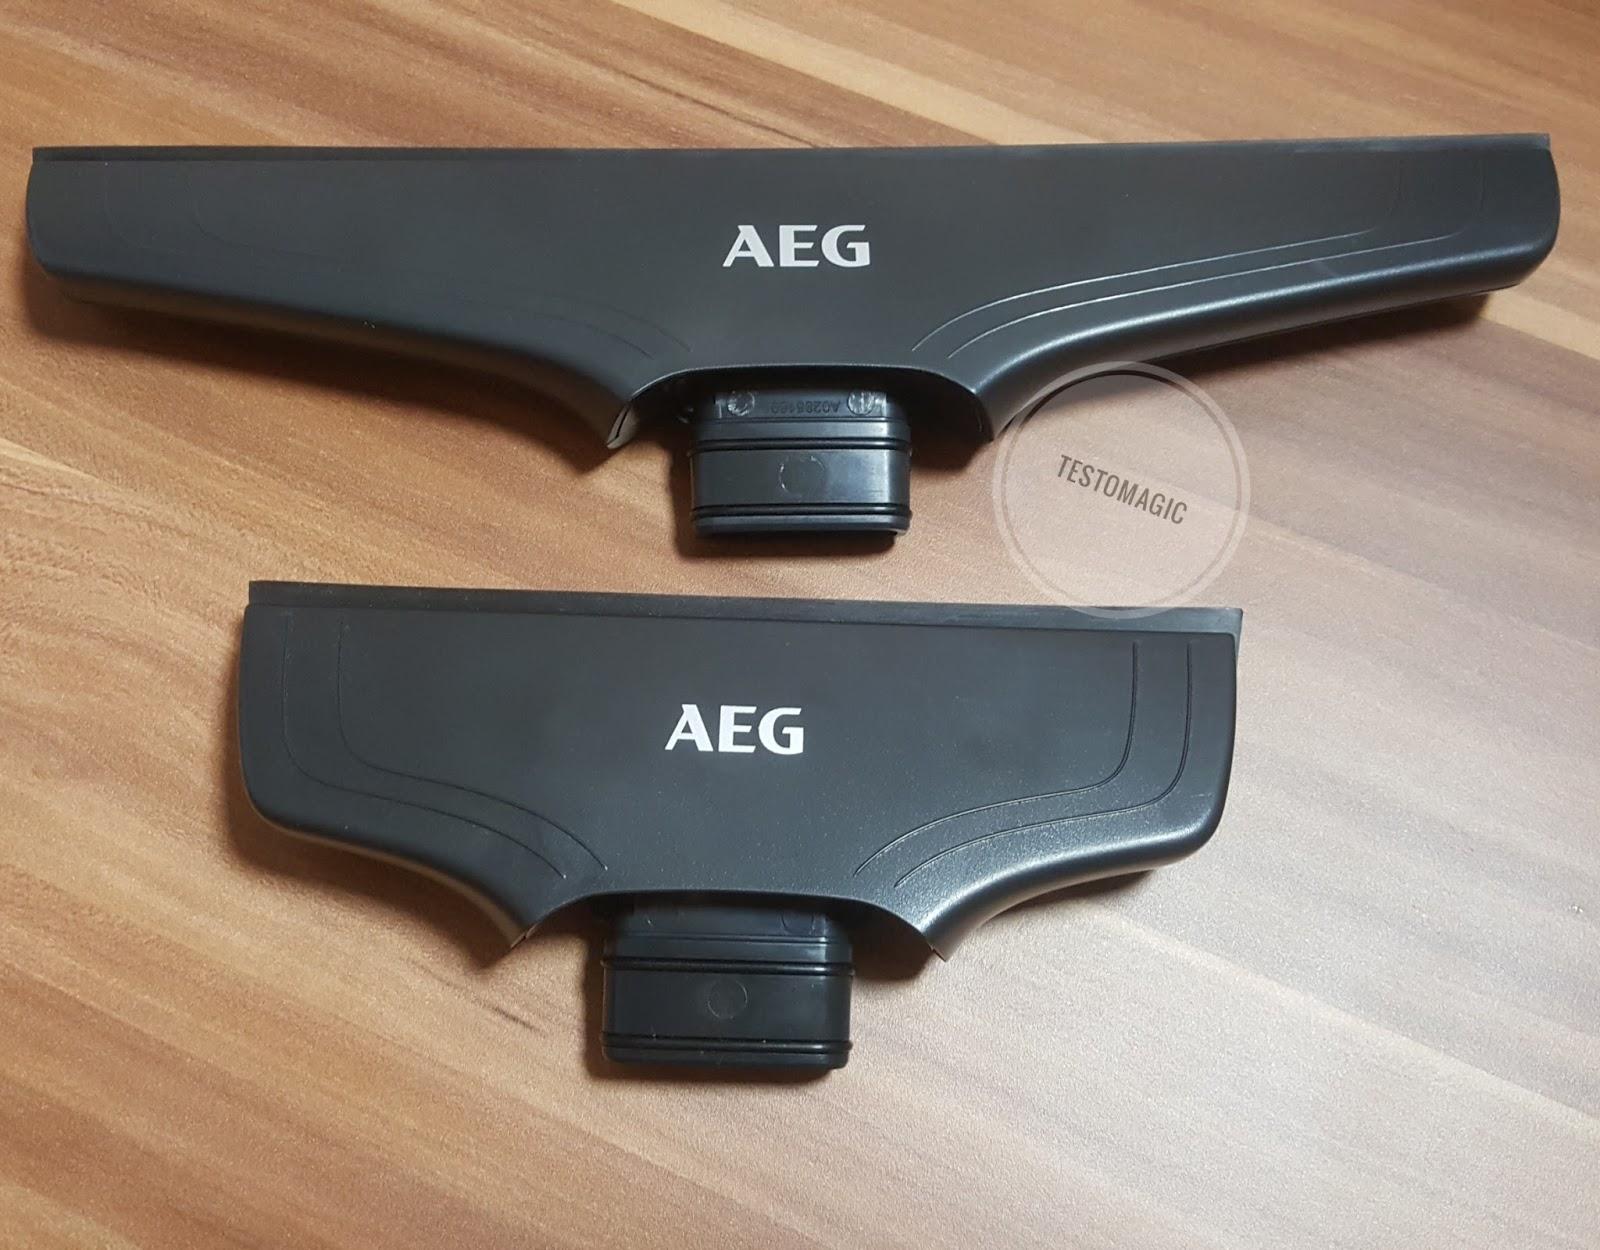 Aeg Fenstersauger Test : testomagic aeg fenstersauger wx7 90a2b test und vergleich mit k rcher wv52 plus ~ Orissabook.com Haus und Dekorationen